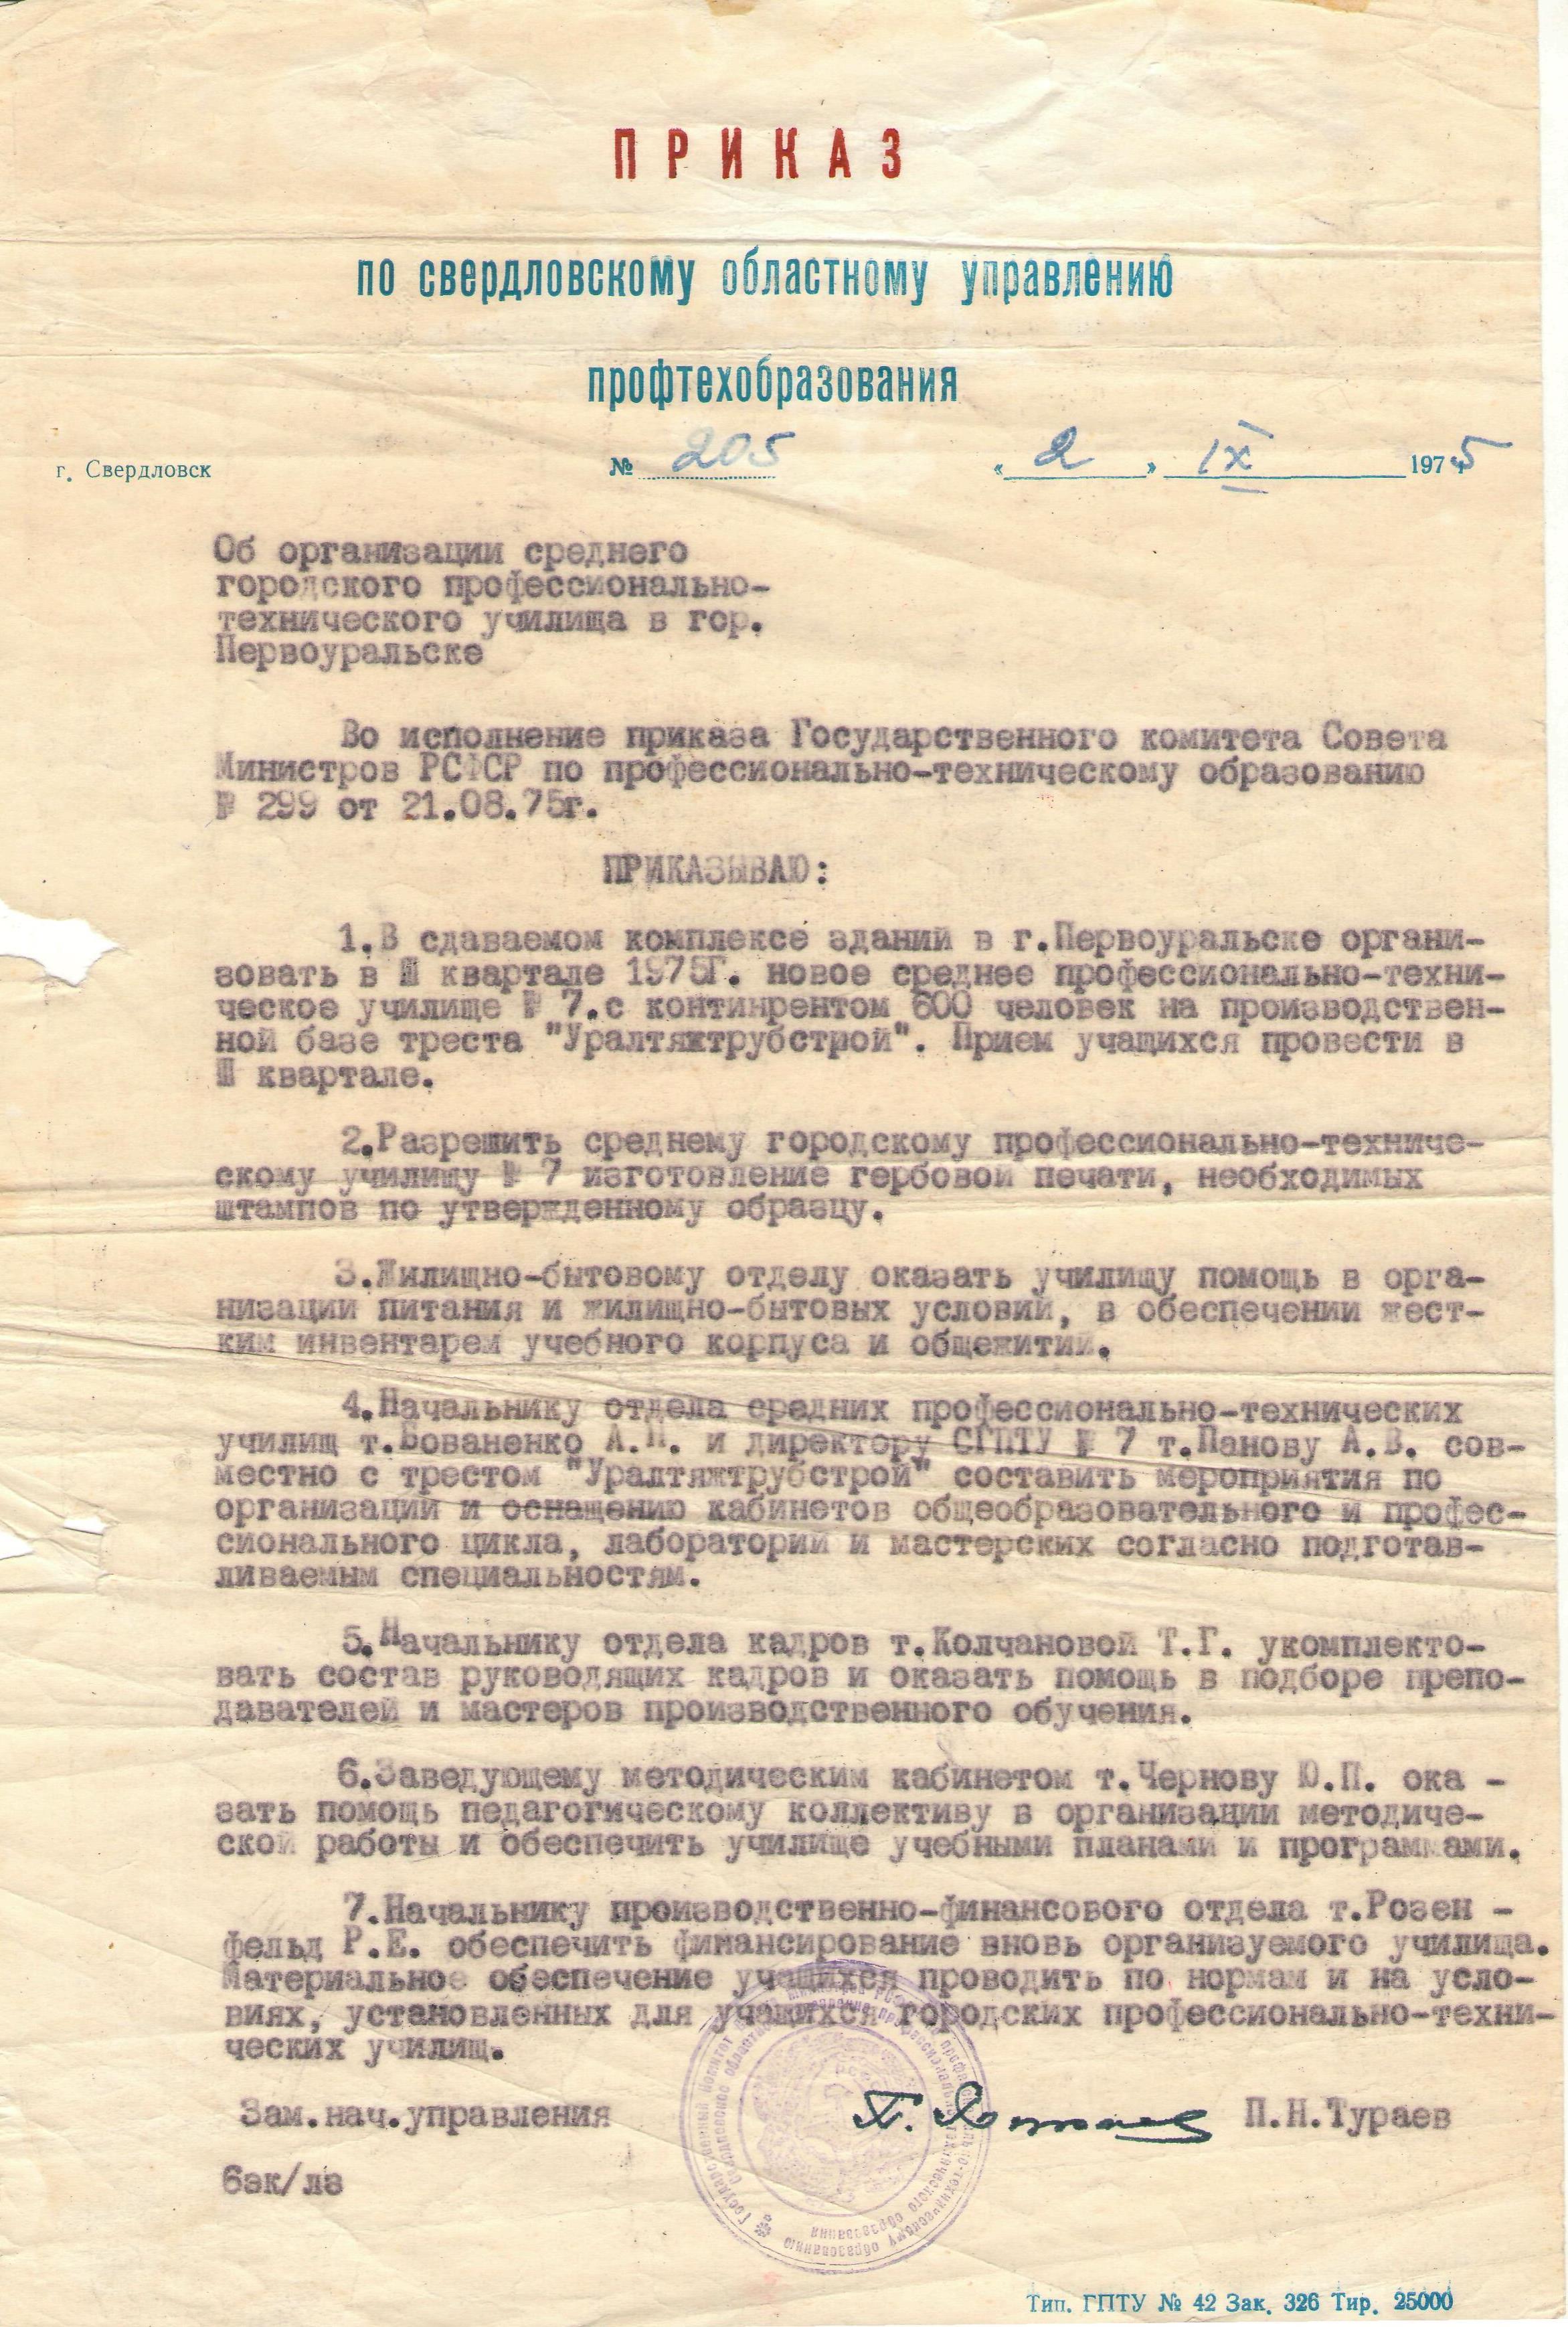 Зданию учебно-лабораторного корпуса № 2 40 лет